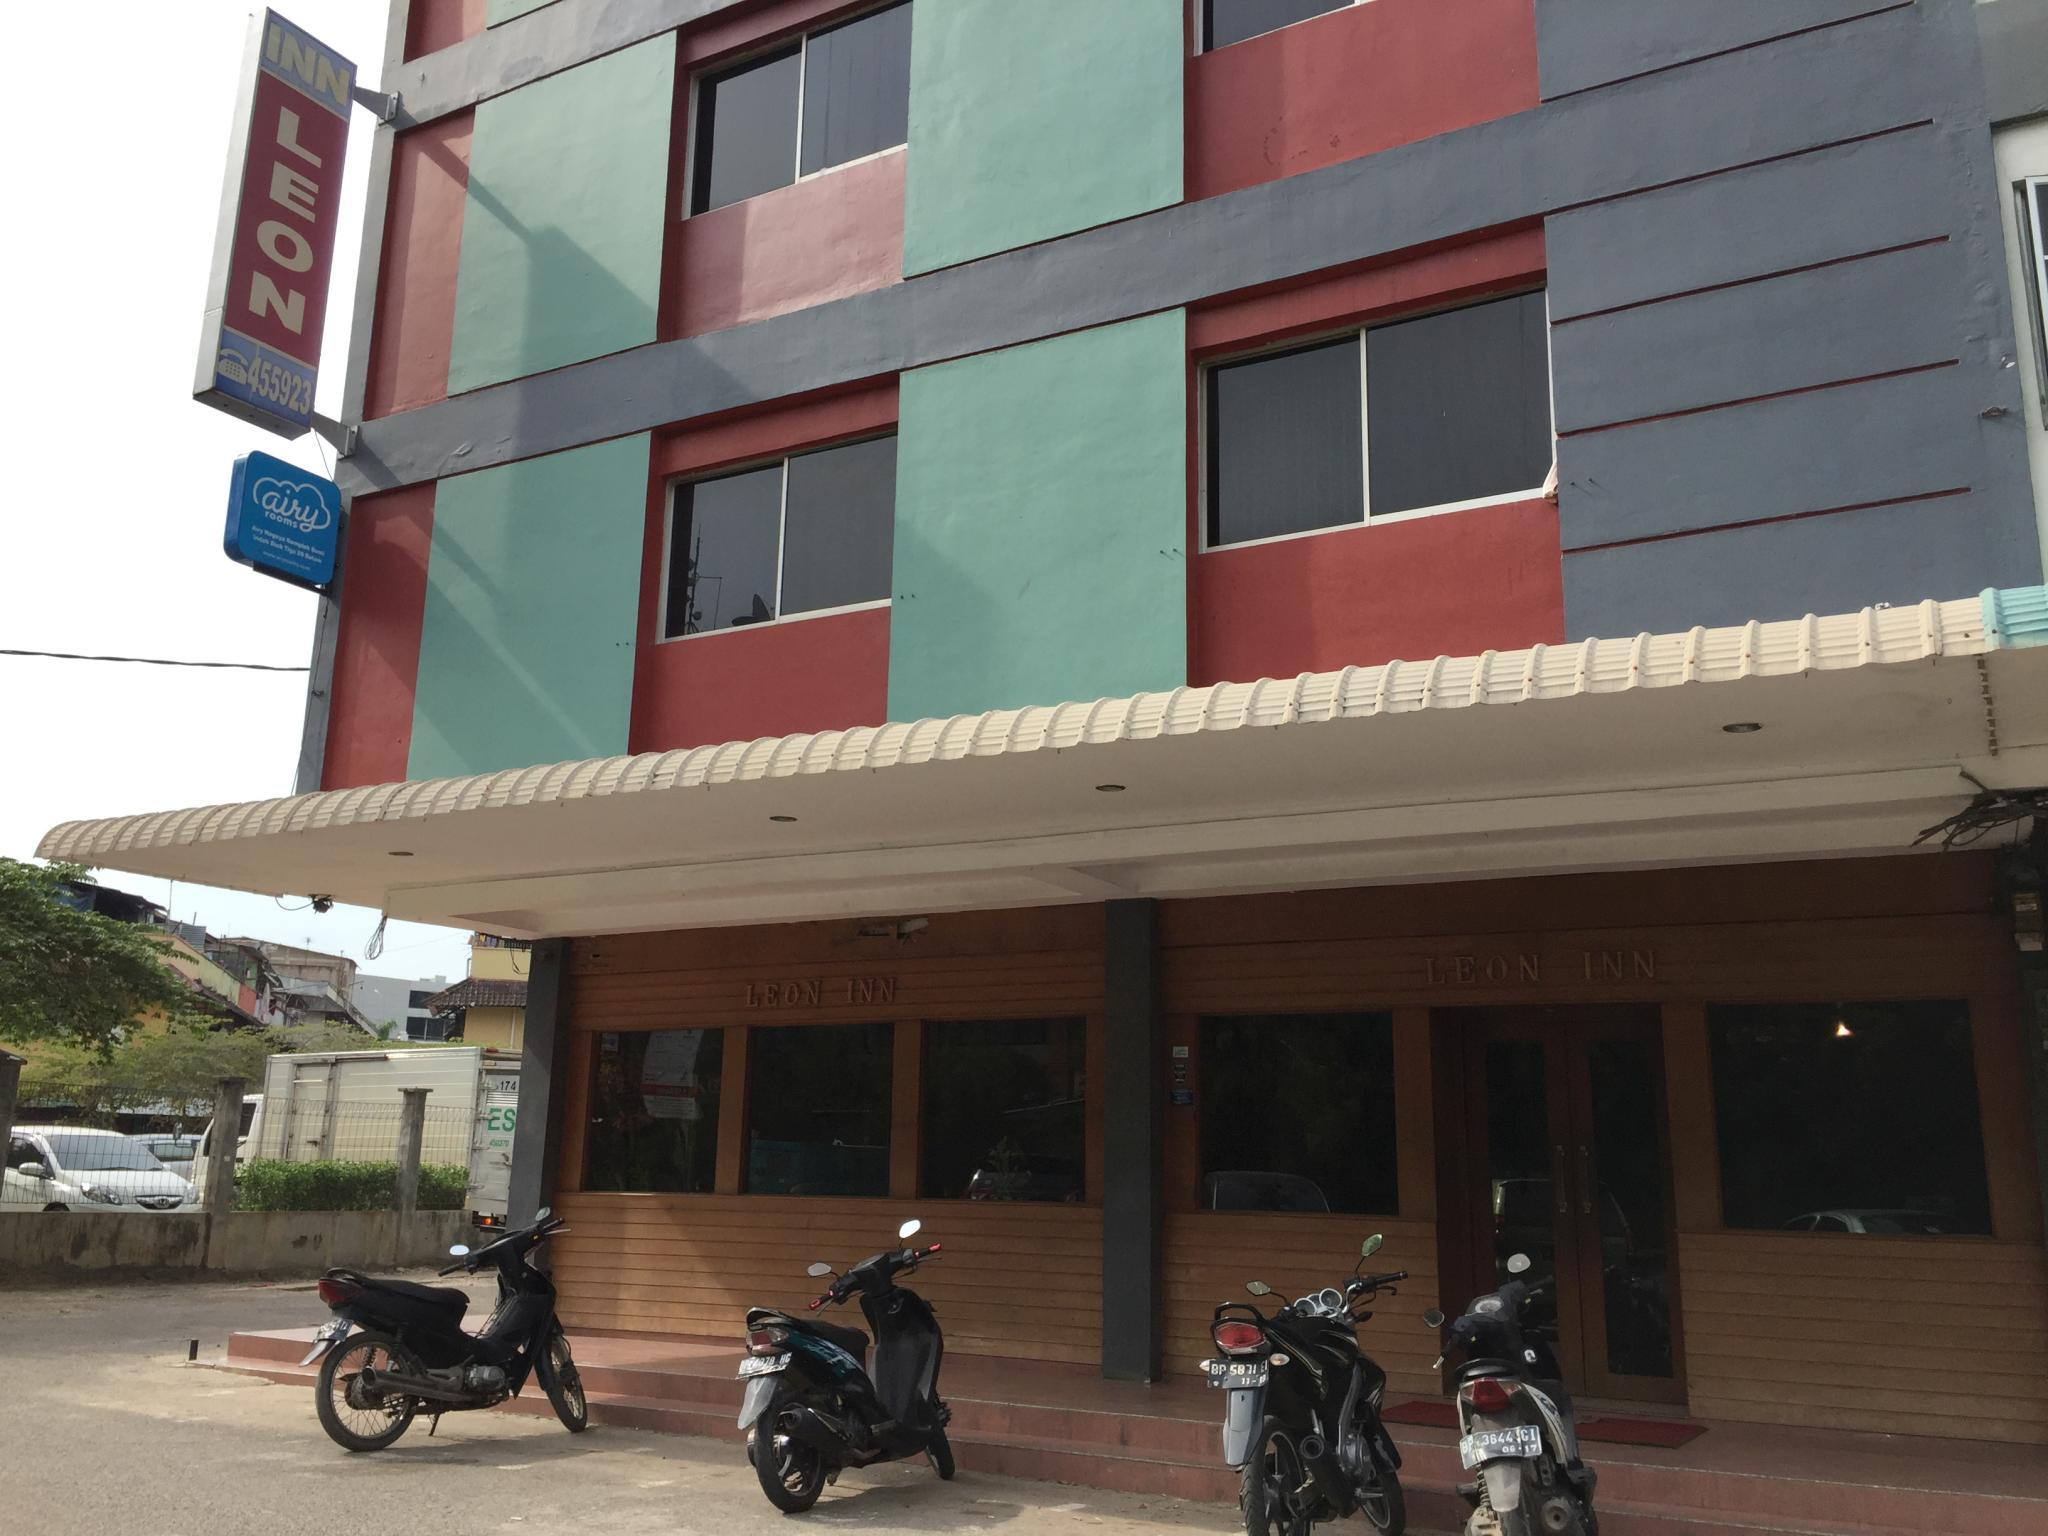 Leon Inn Nagoya, Batam